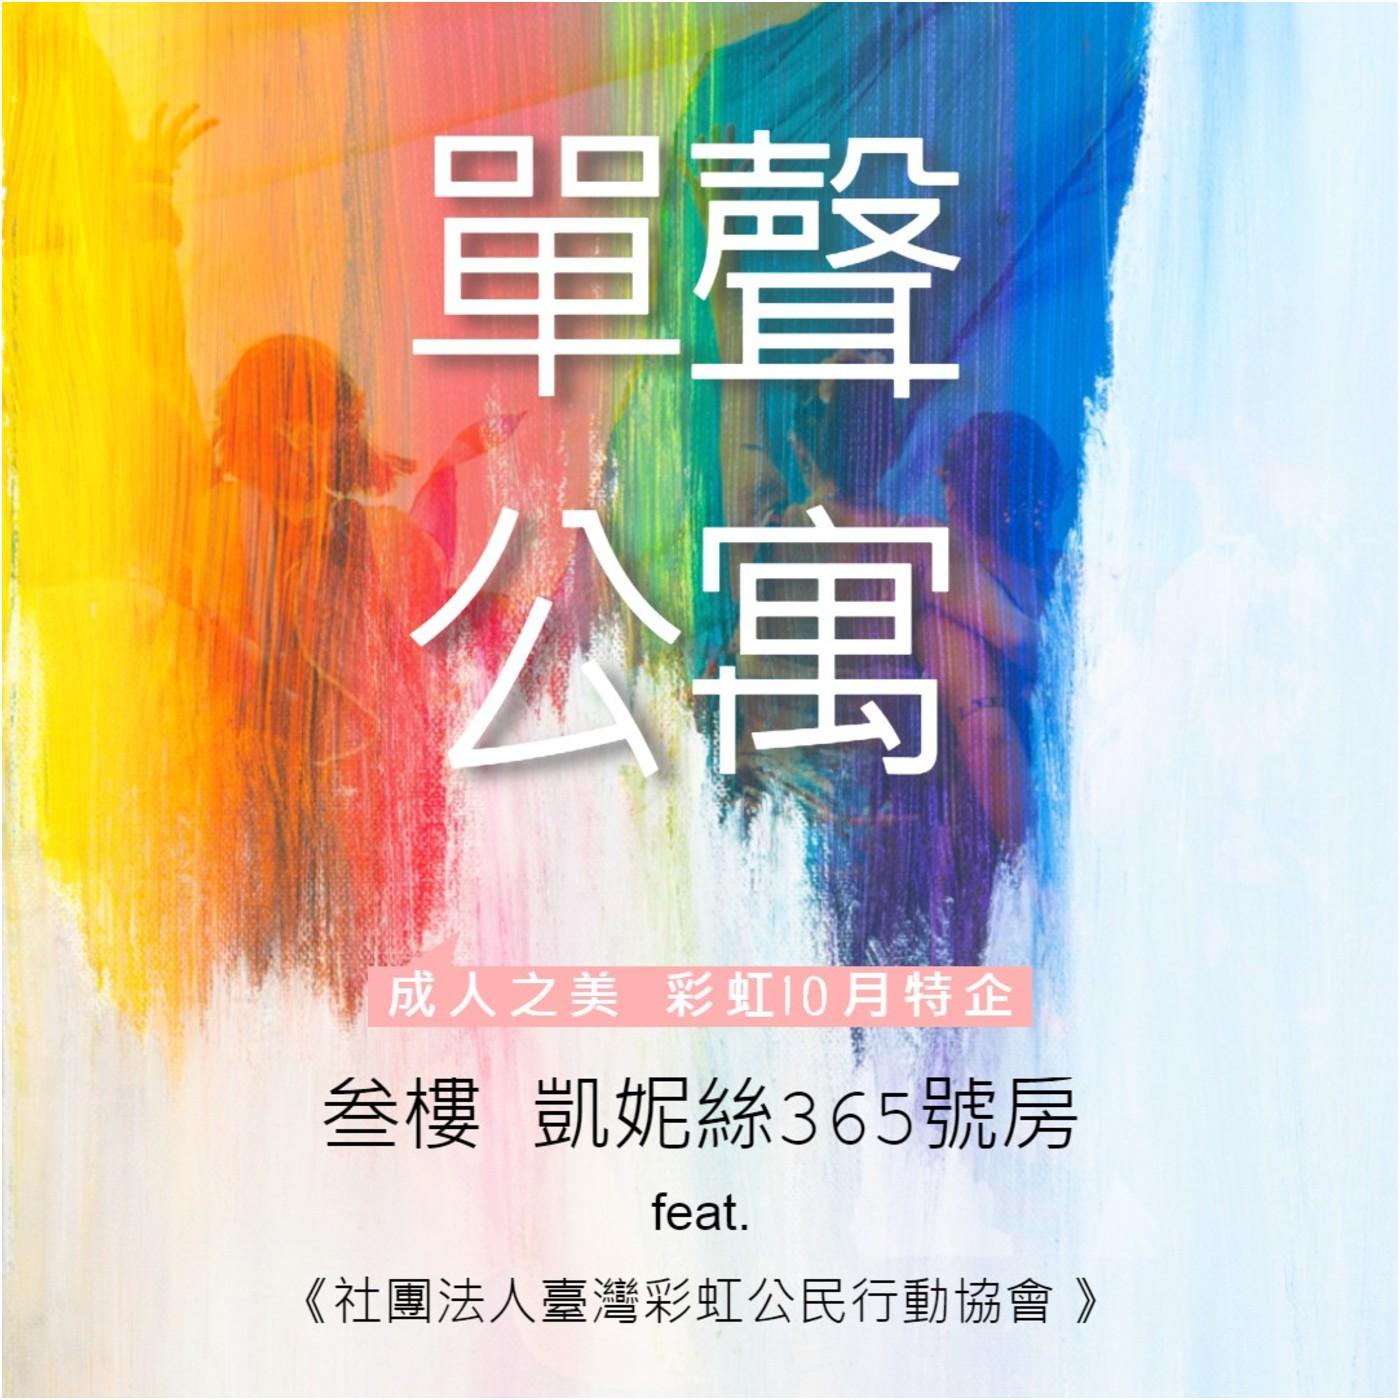 365房 凱妮絲|EP9 成人之美彩虹10月特企-2020東亞最大同志遊行歡慶18歲